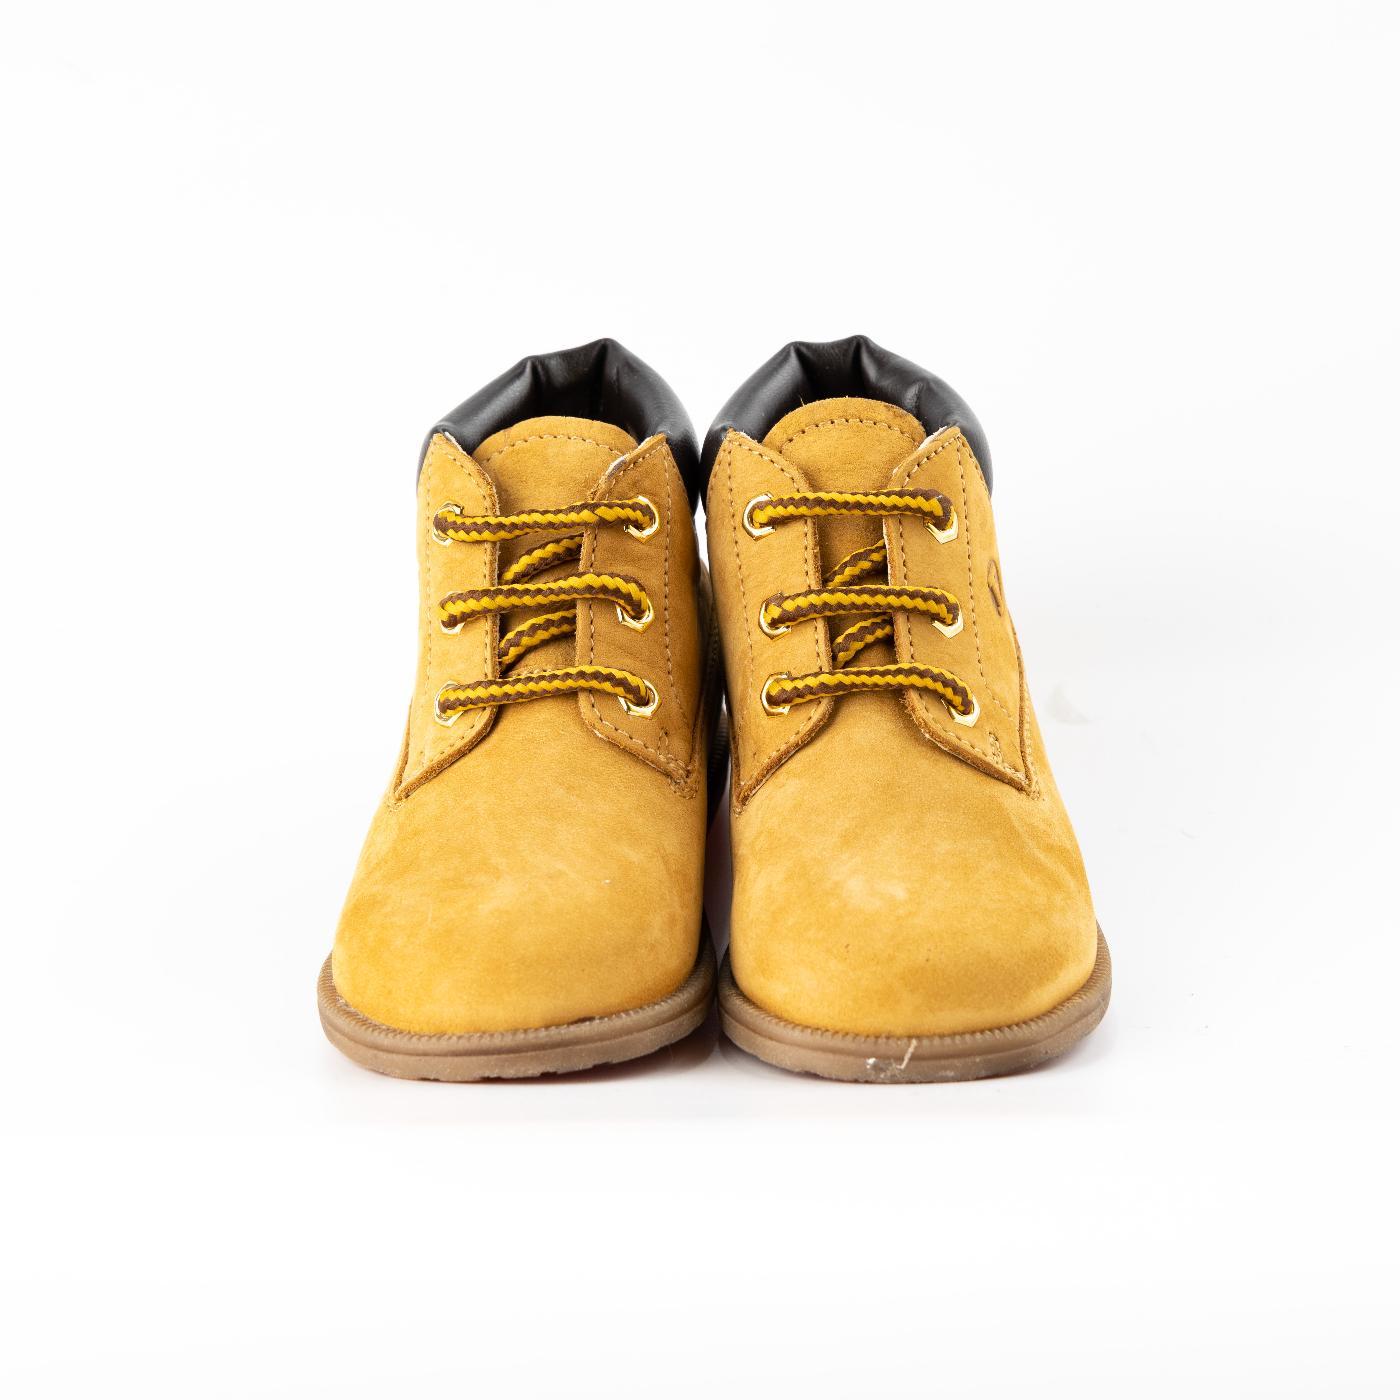 Biege Lace-Up Boots